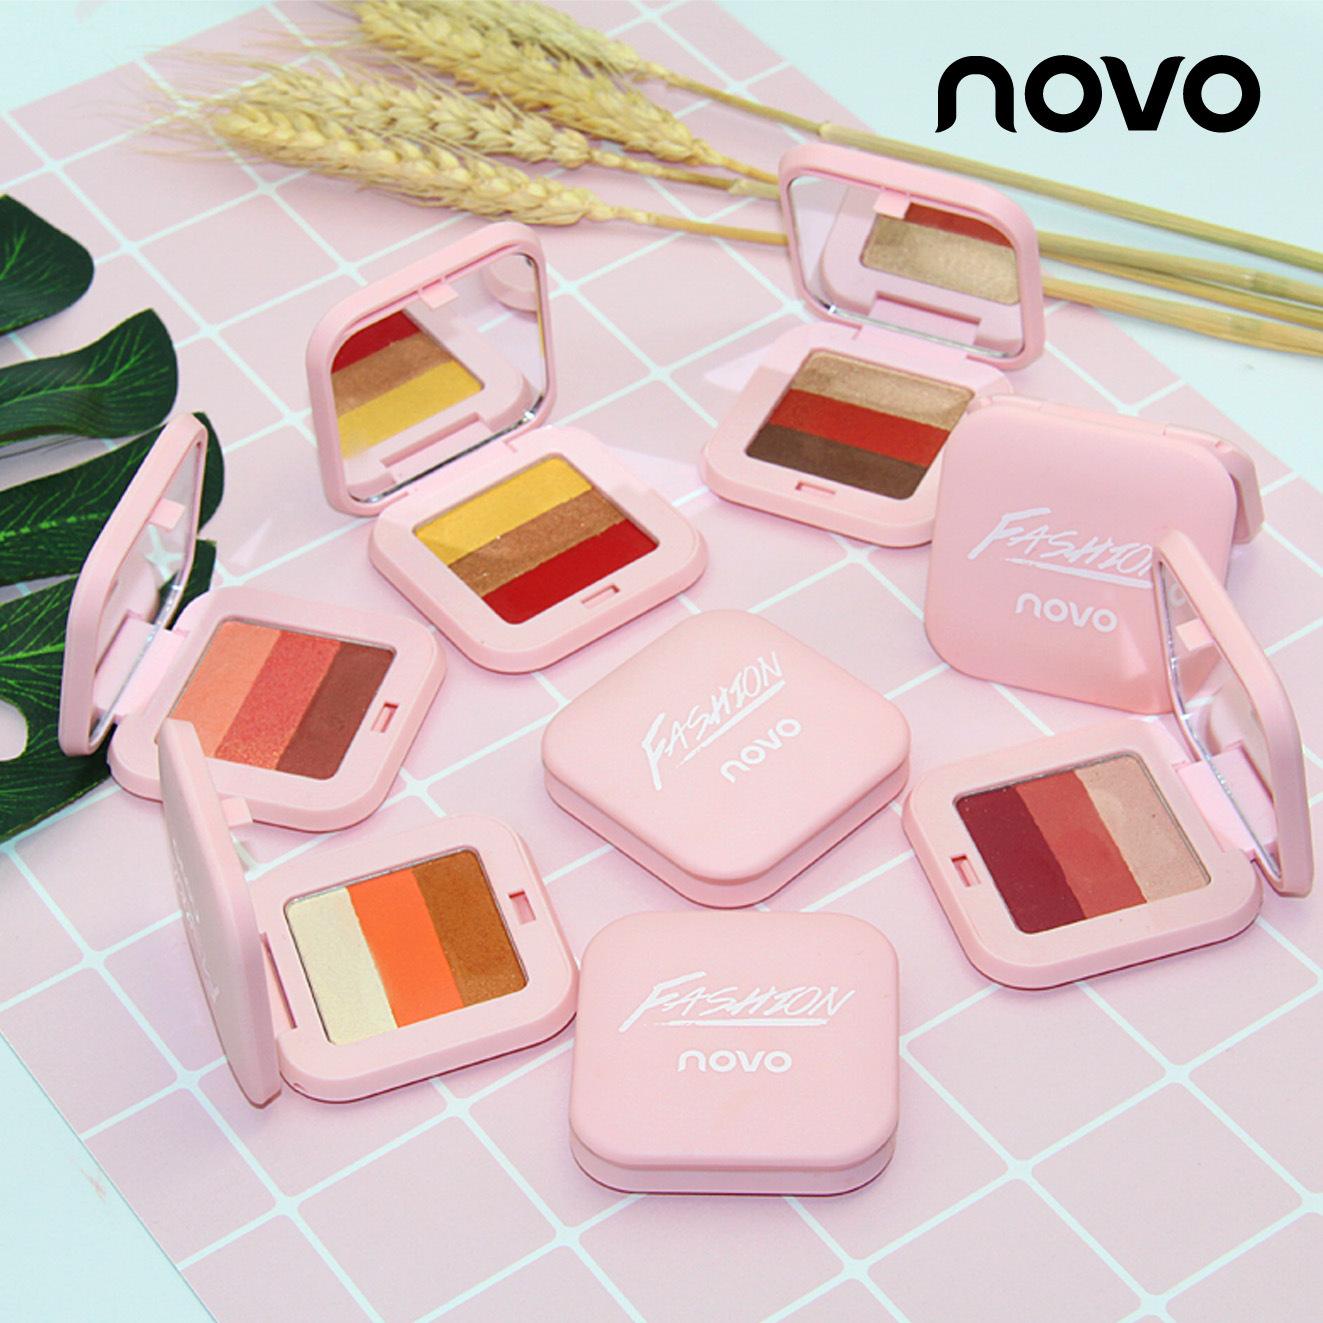 NOVO灵动三色渐变眼影盒 便携式多色可选 百搭易上色3色眼影盒